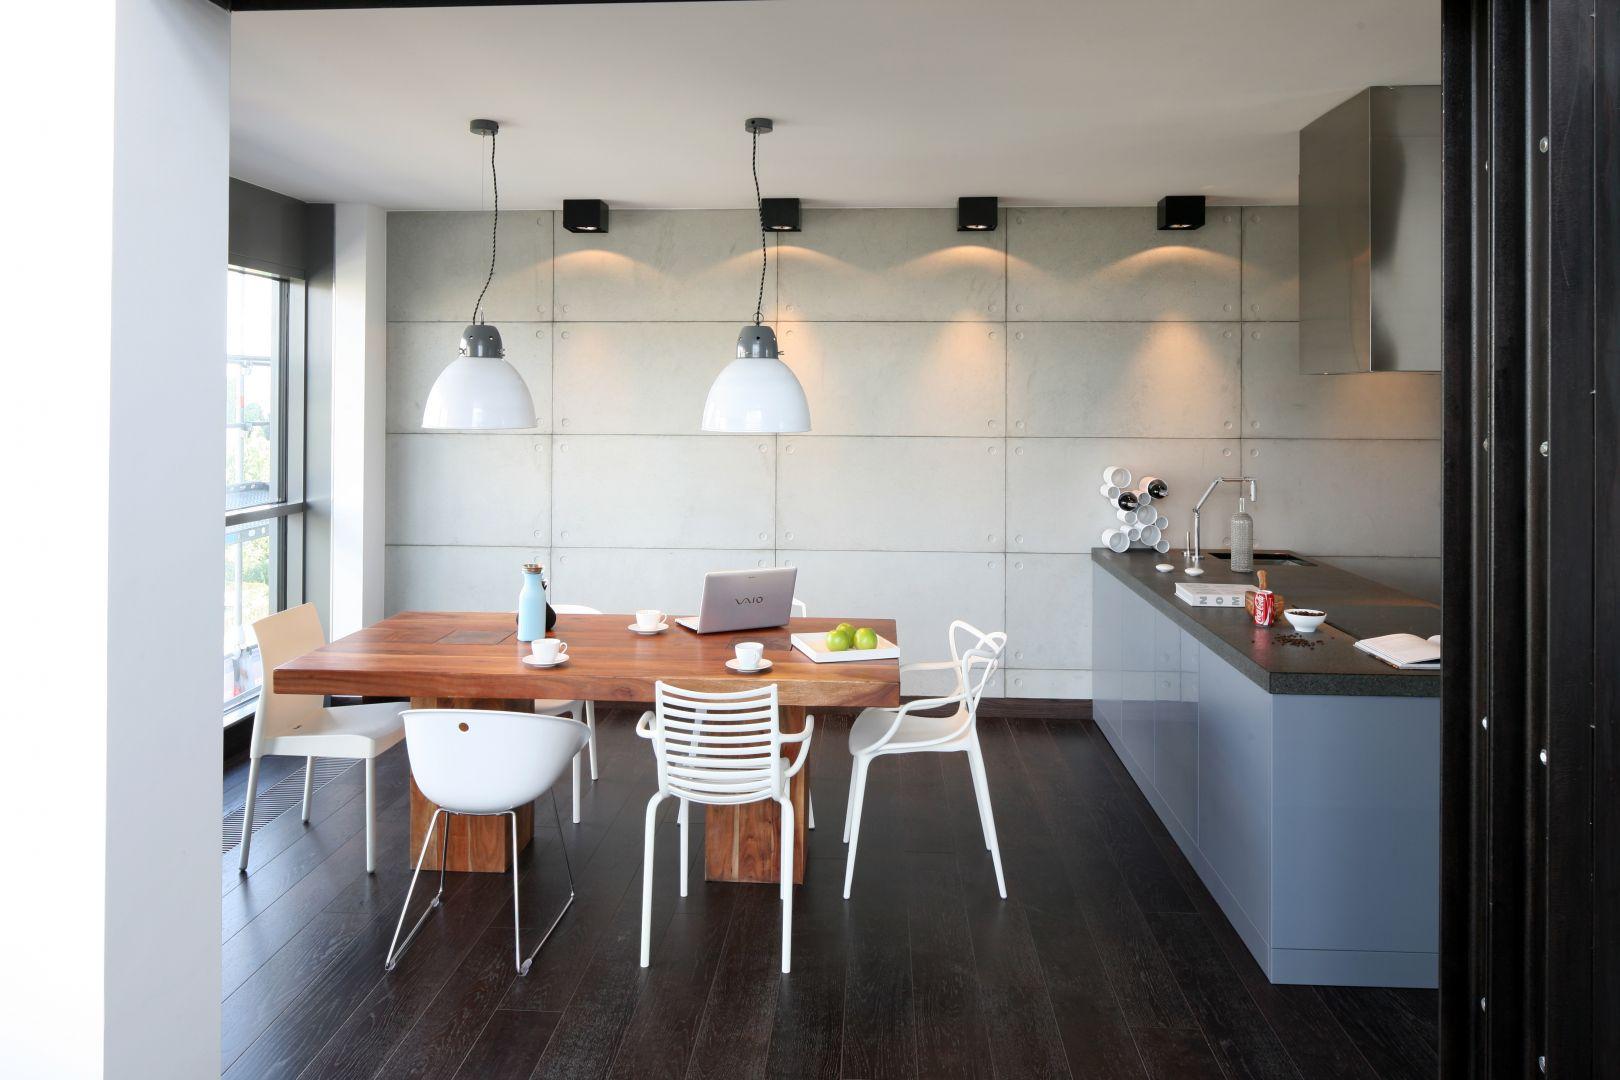 Beton na ścianie, masywny, drewniany stół i białe, lekkie krzesła to świetny wybór do jadalni w stylu loft. Projekt: Justyna Smolec. Fot. Bartosz Jarosz